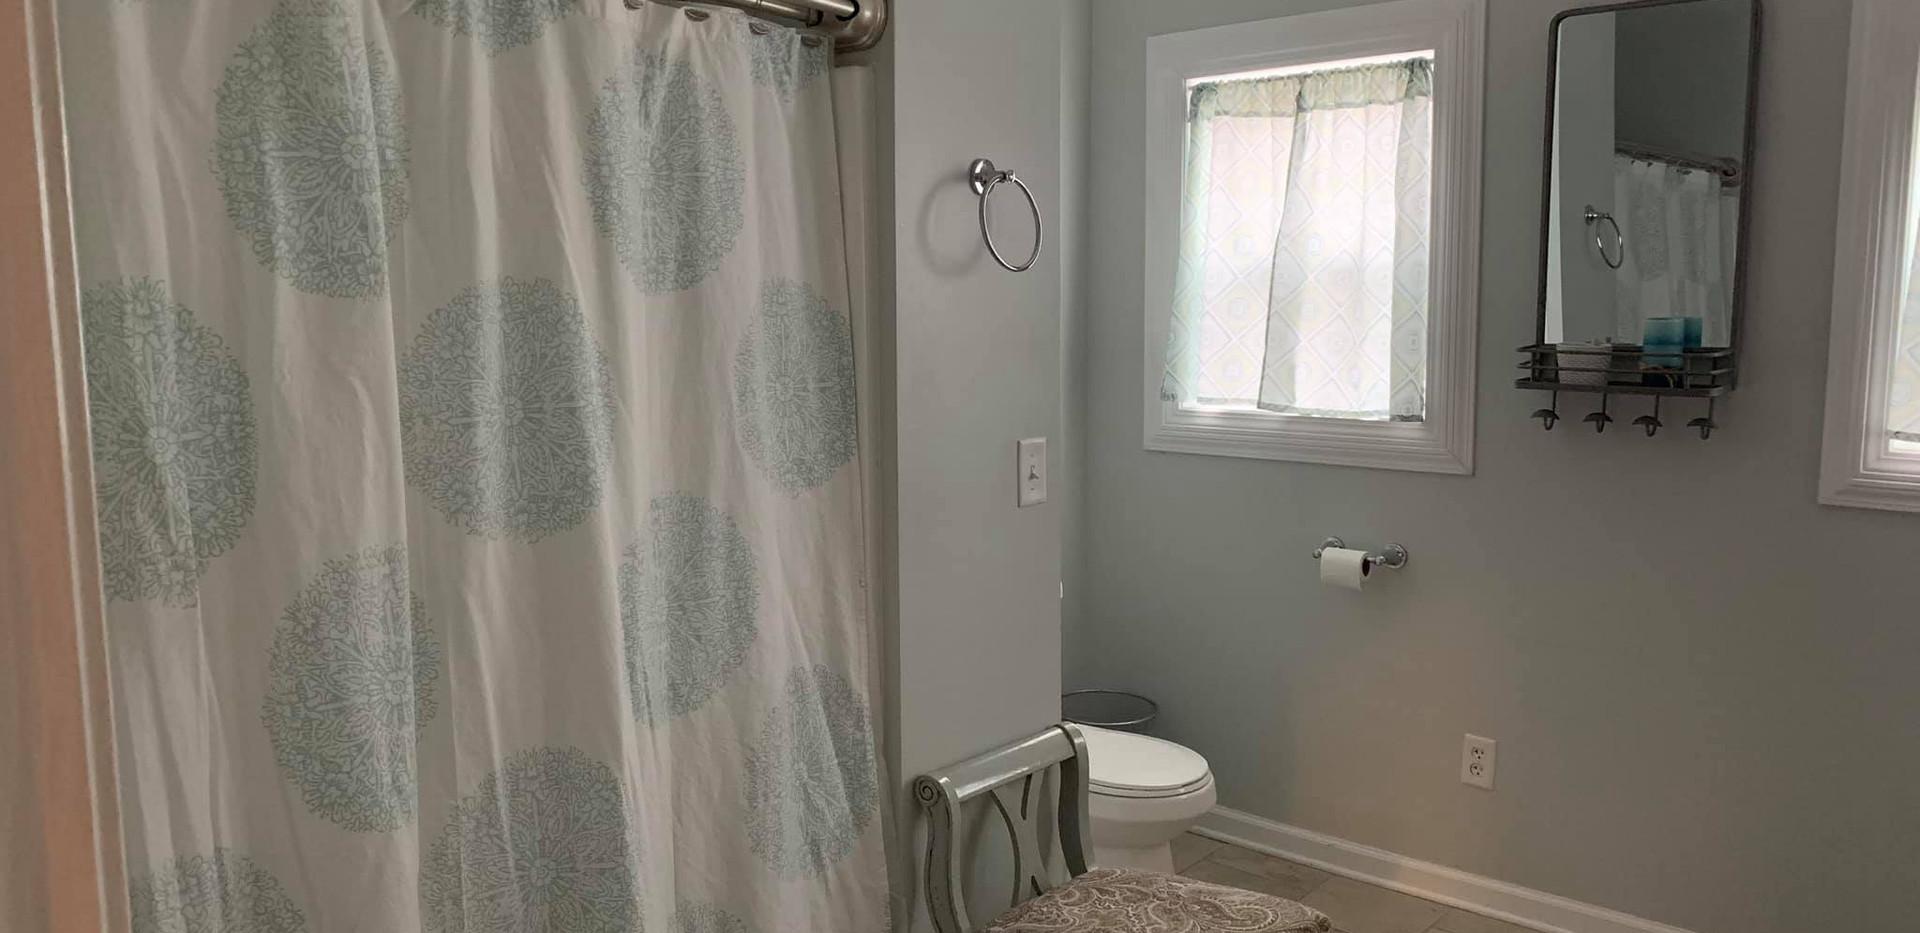 crown-northport bathroom.jpg